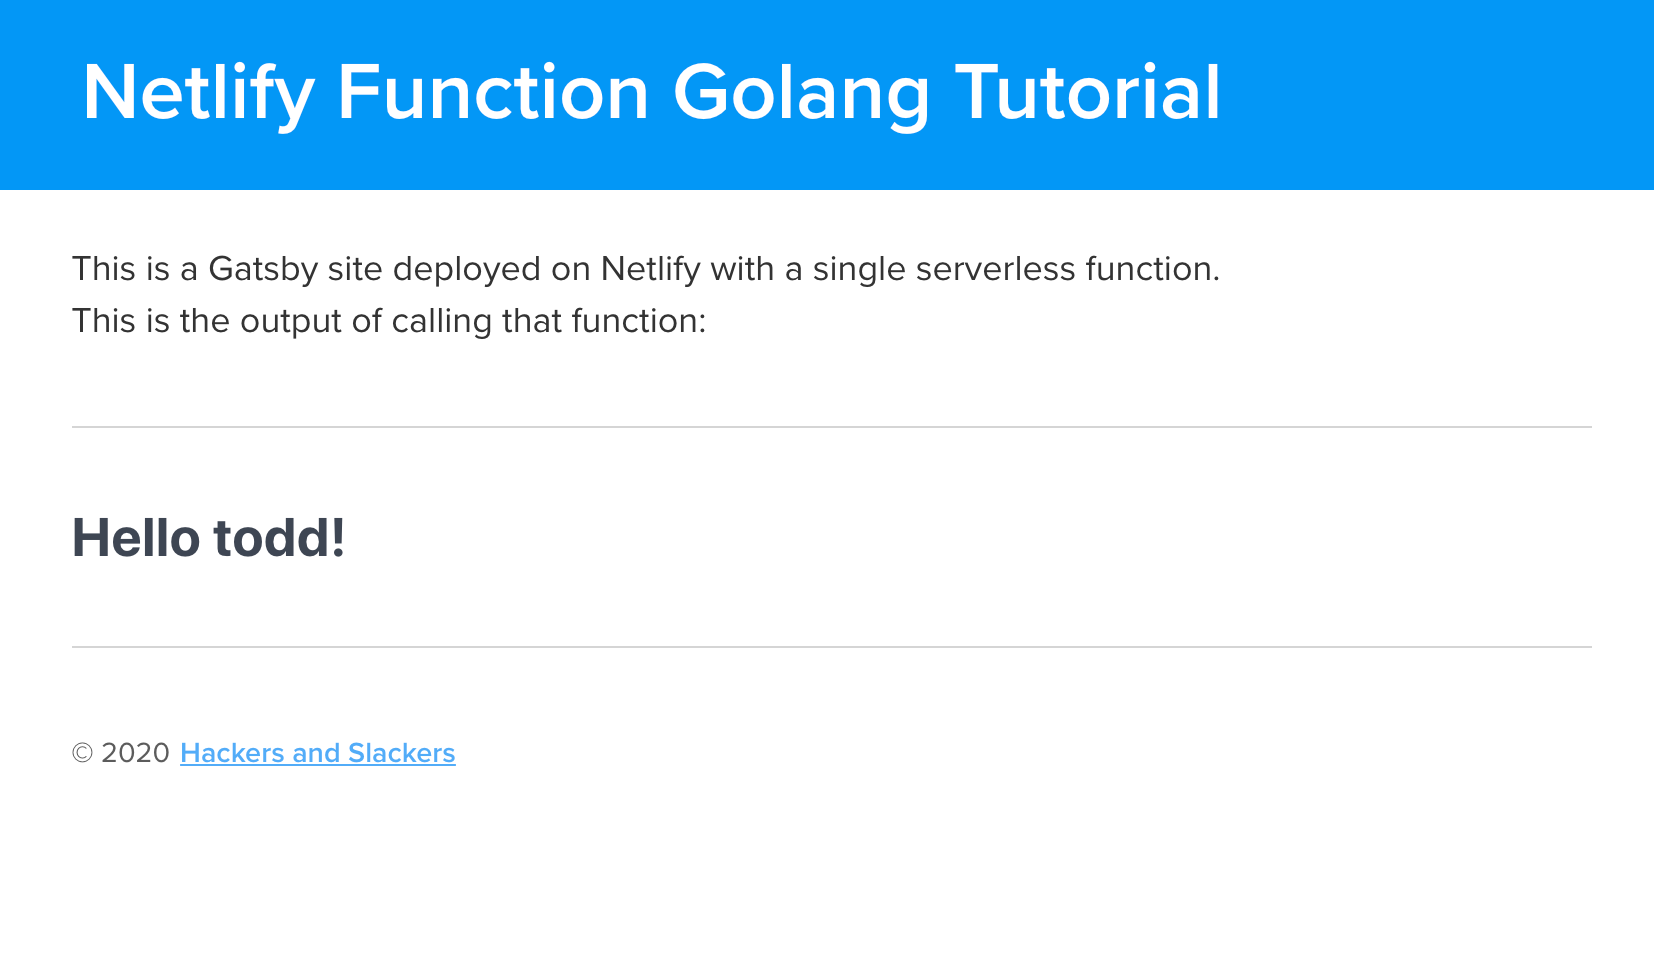 """<a rel=""""noopener noreferrer"""" href=""""https://serverless-golang-tutorial.netlify.app/"""">https://serverless-golang-tutorial.netlify.app</a>"""